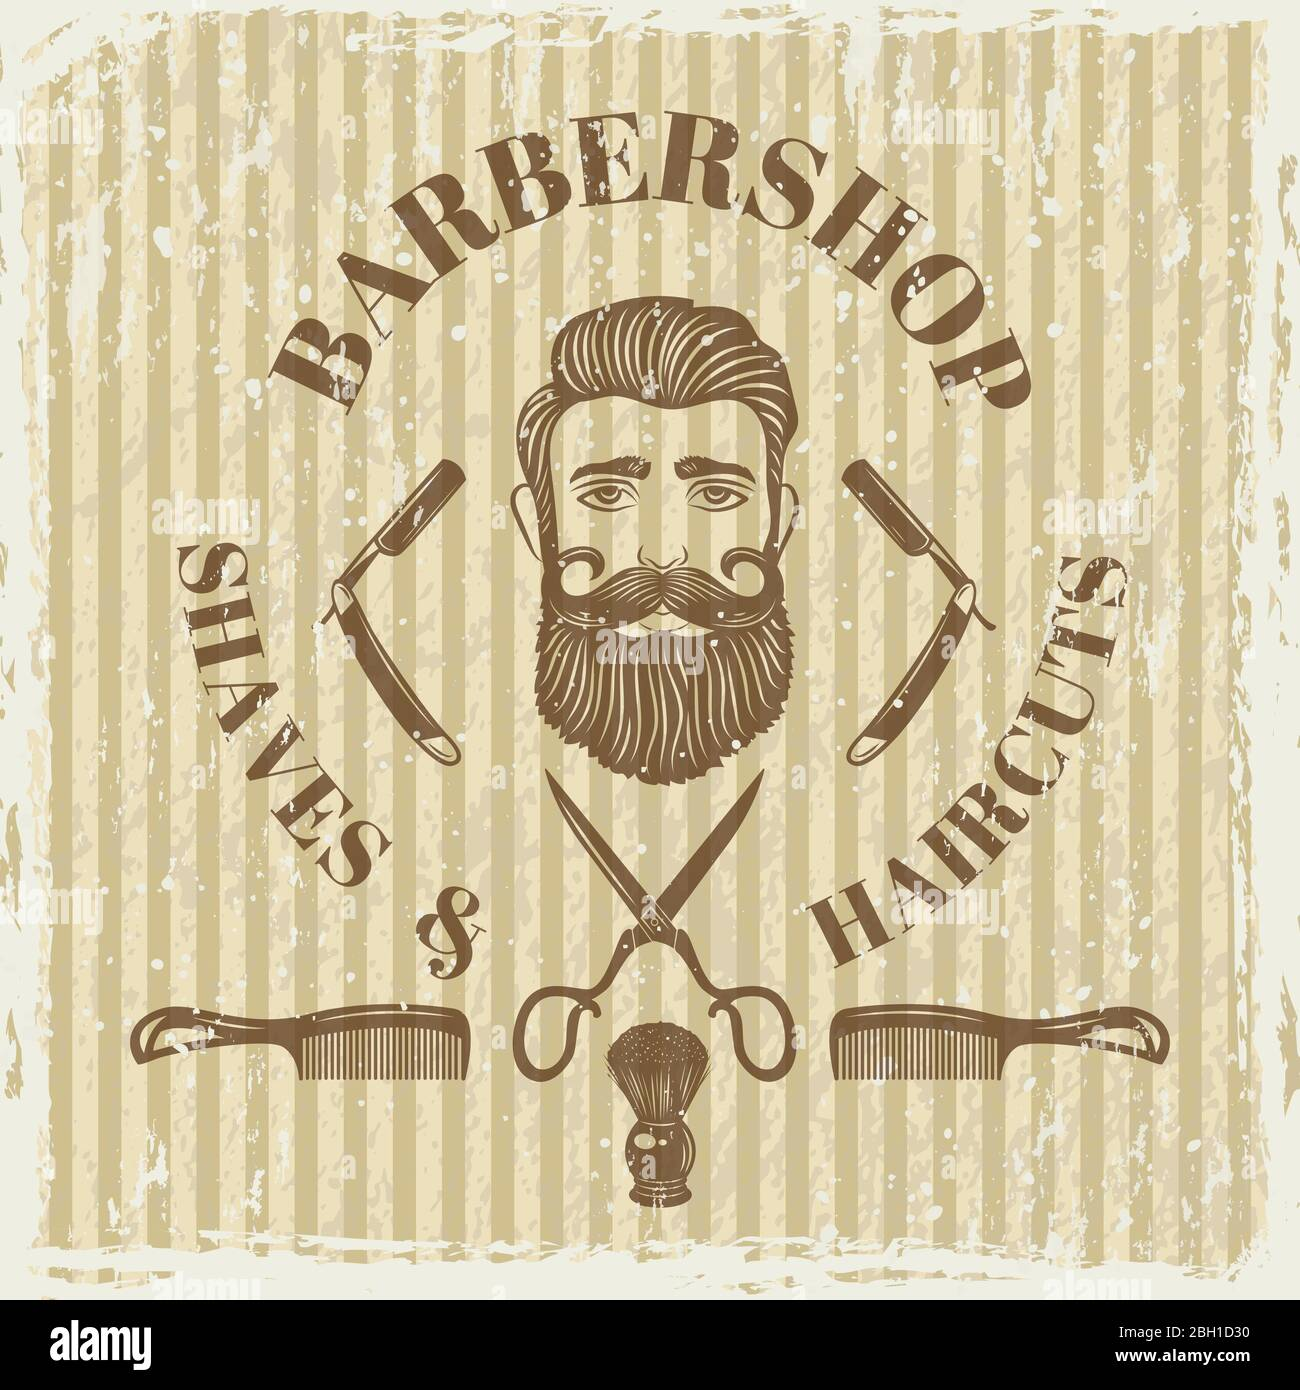 Cartel peluquero-de pizarras personas nombre escudo nombre escudo peluquero Barbero